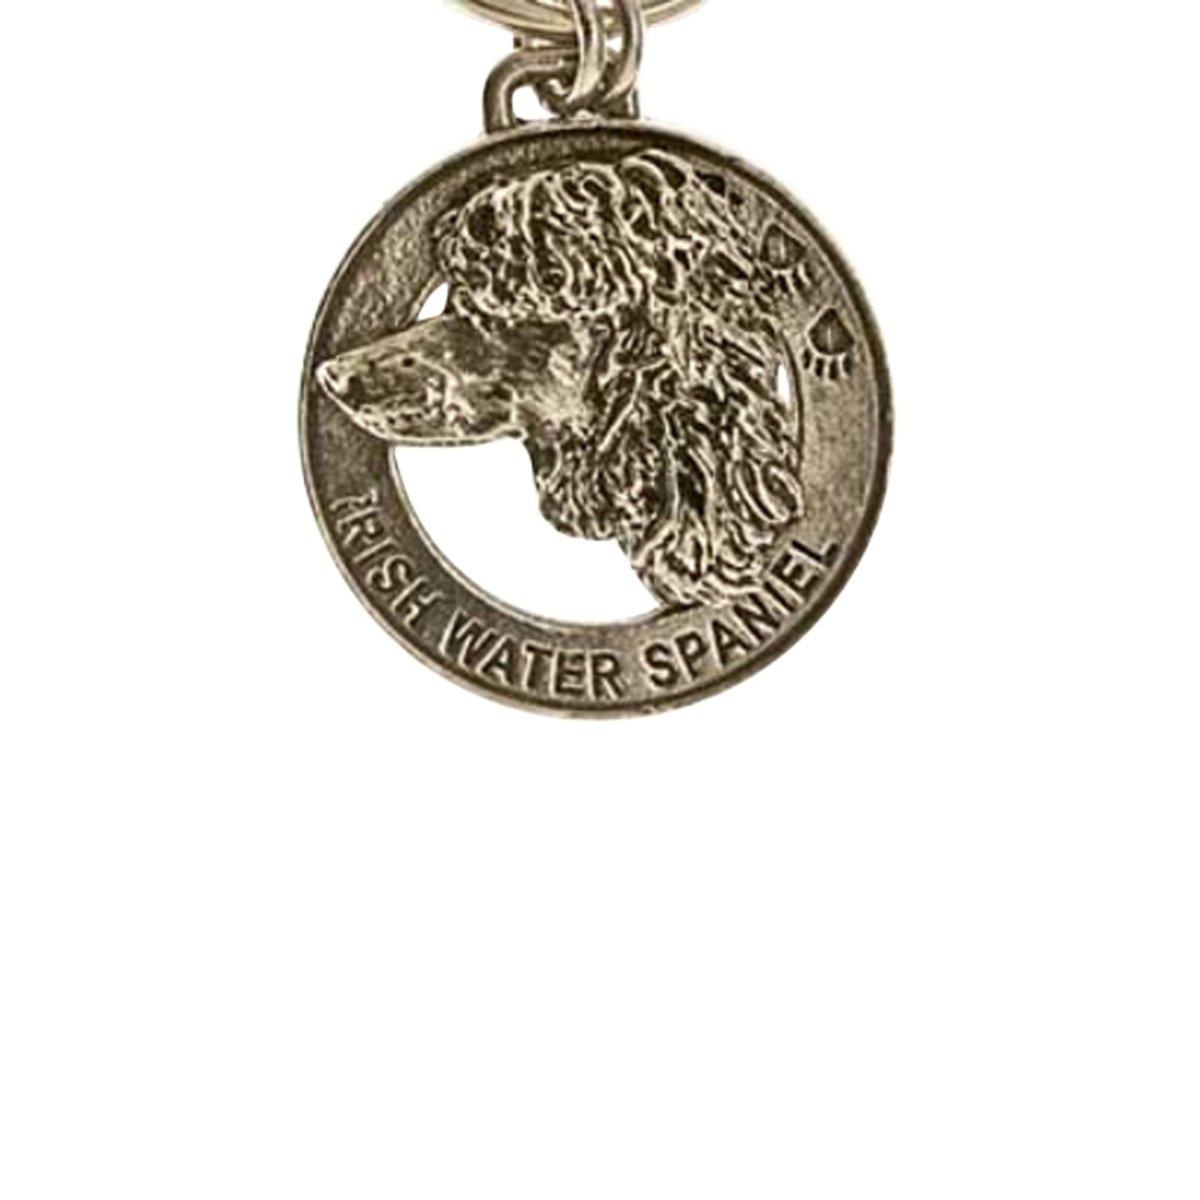 Creative Pewter Designs, Pewter Irish Water Spaniel Key Chain, Antiqued Finish, DK102